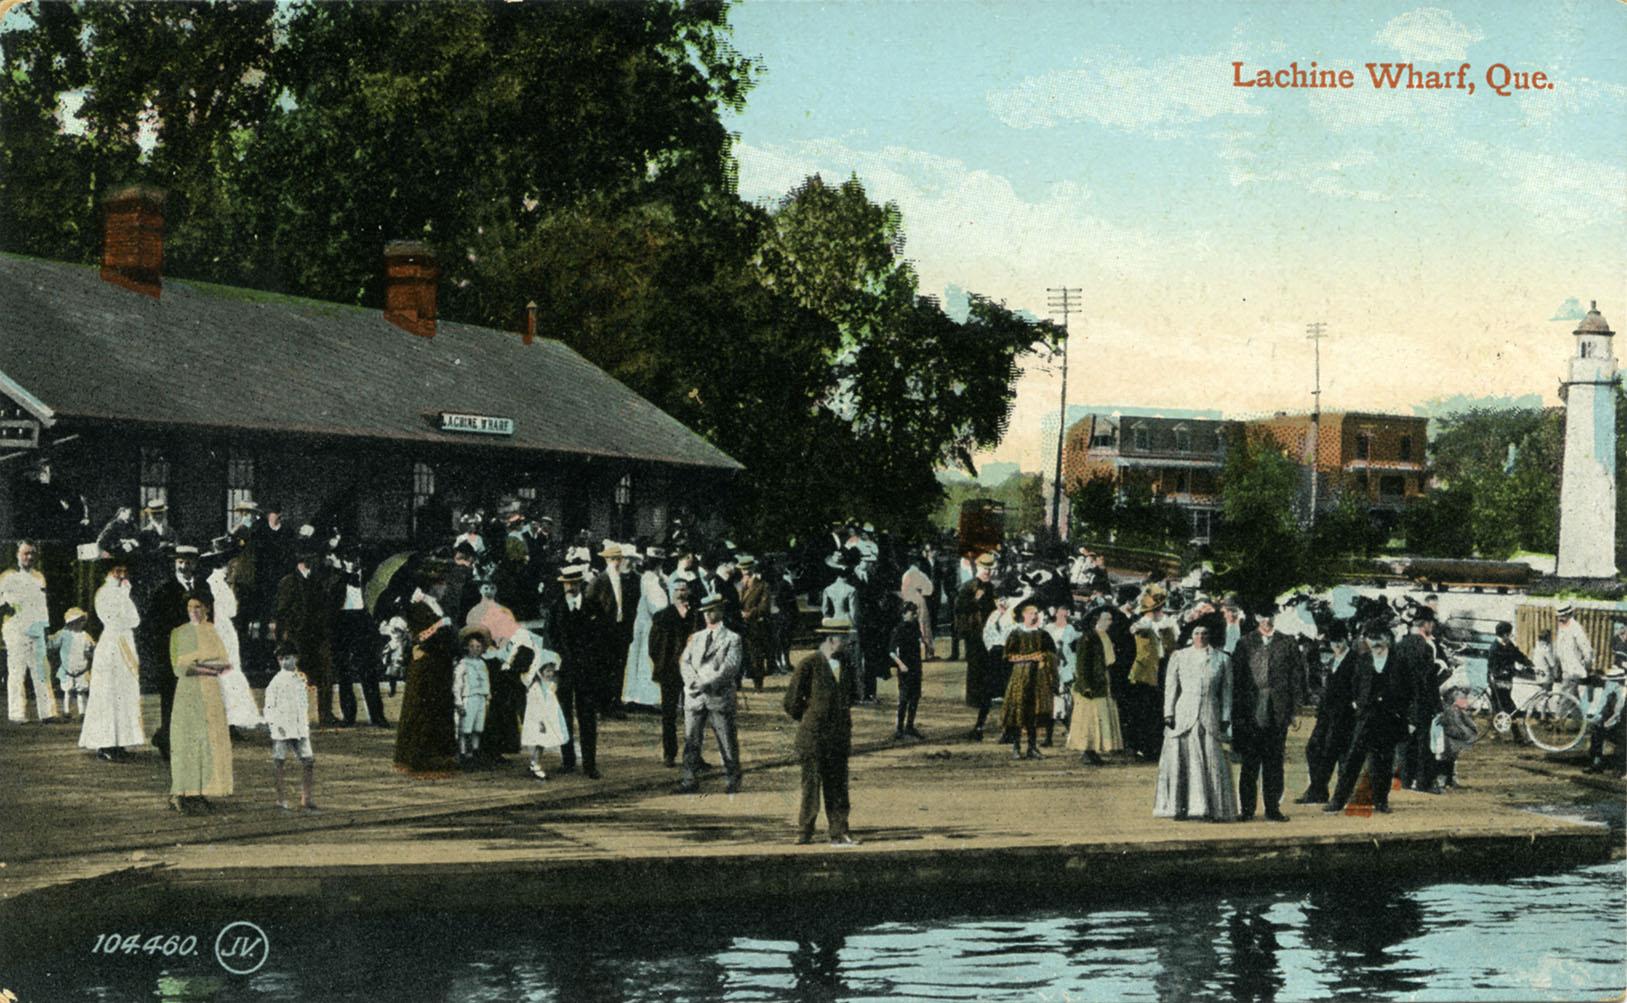 Carte postale colorisée montrant une foule d'hommes, de femmes et d'enfants sur un quai, avec la gare en arrière-plan et des maisons.